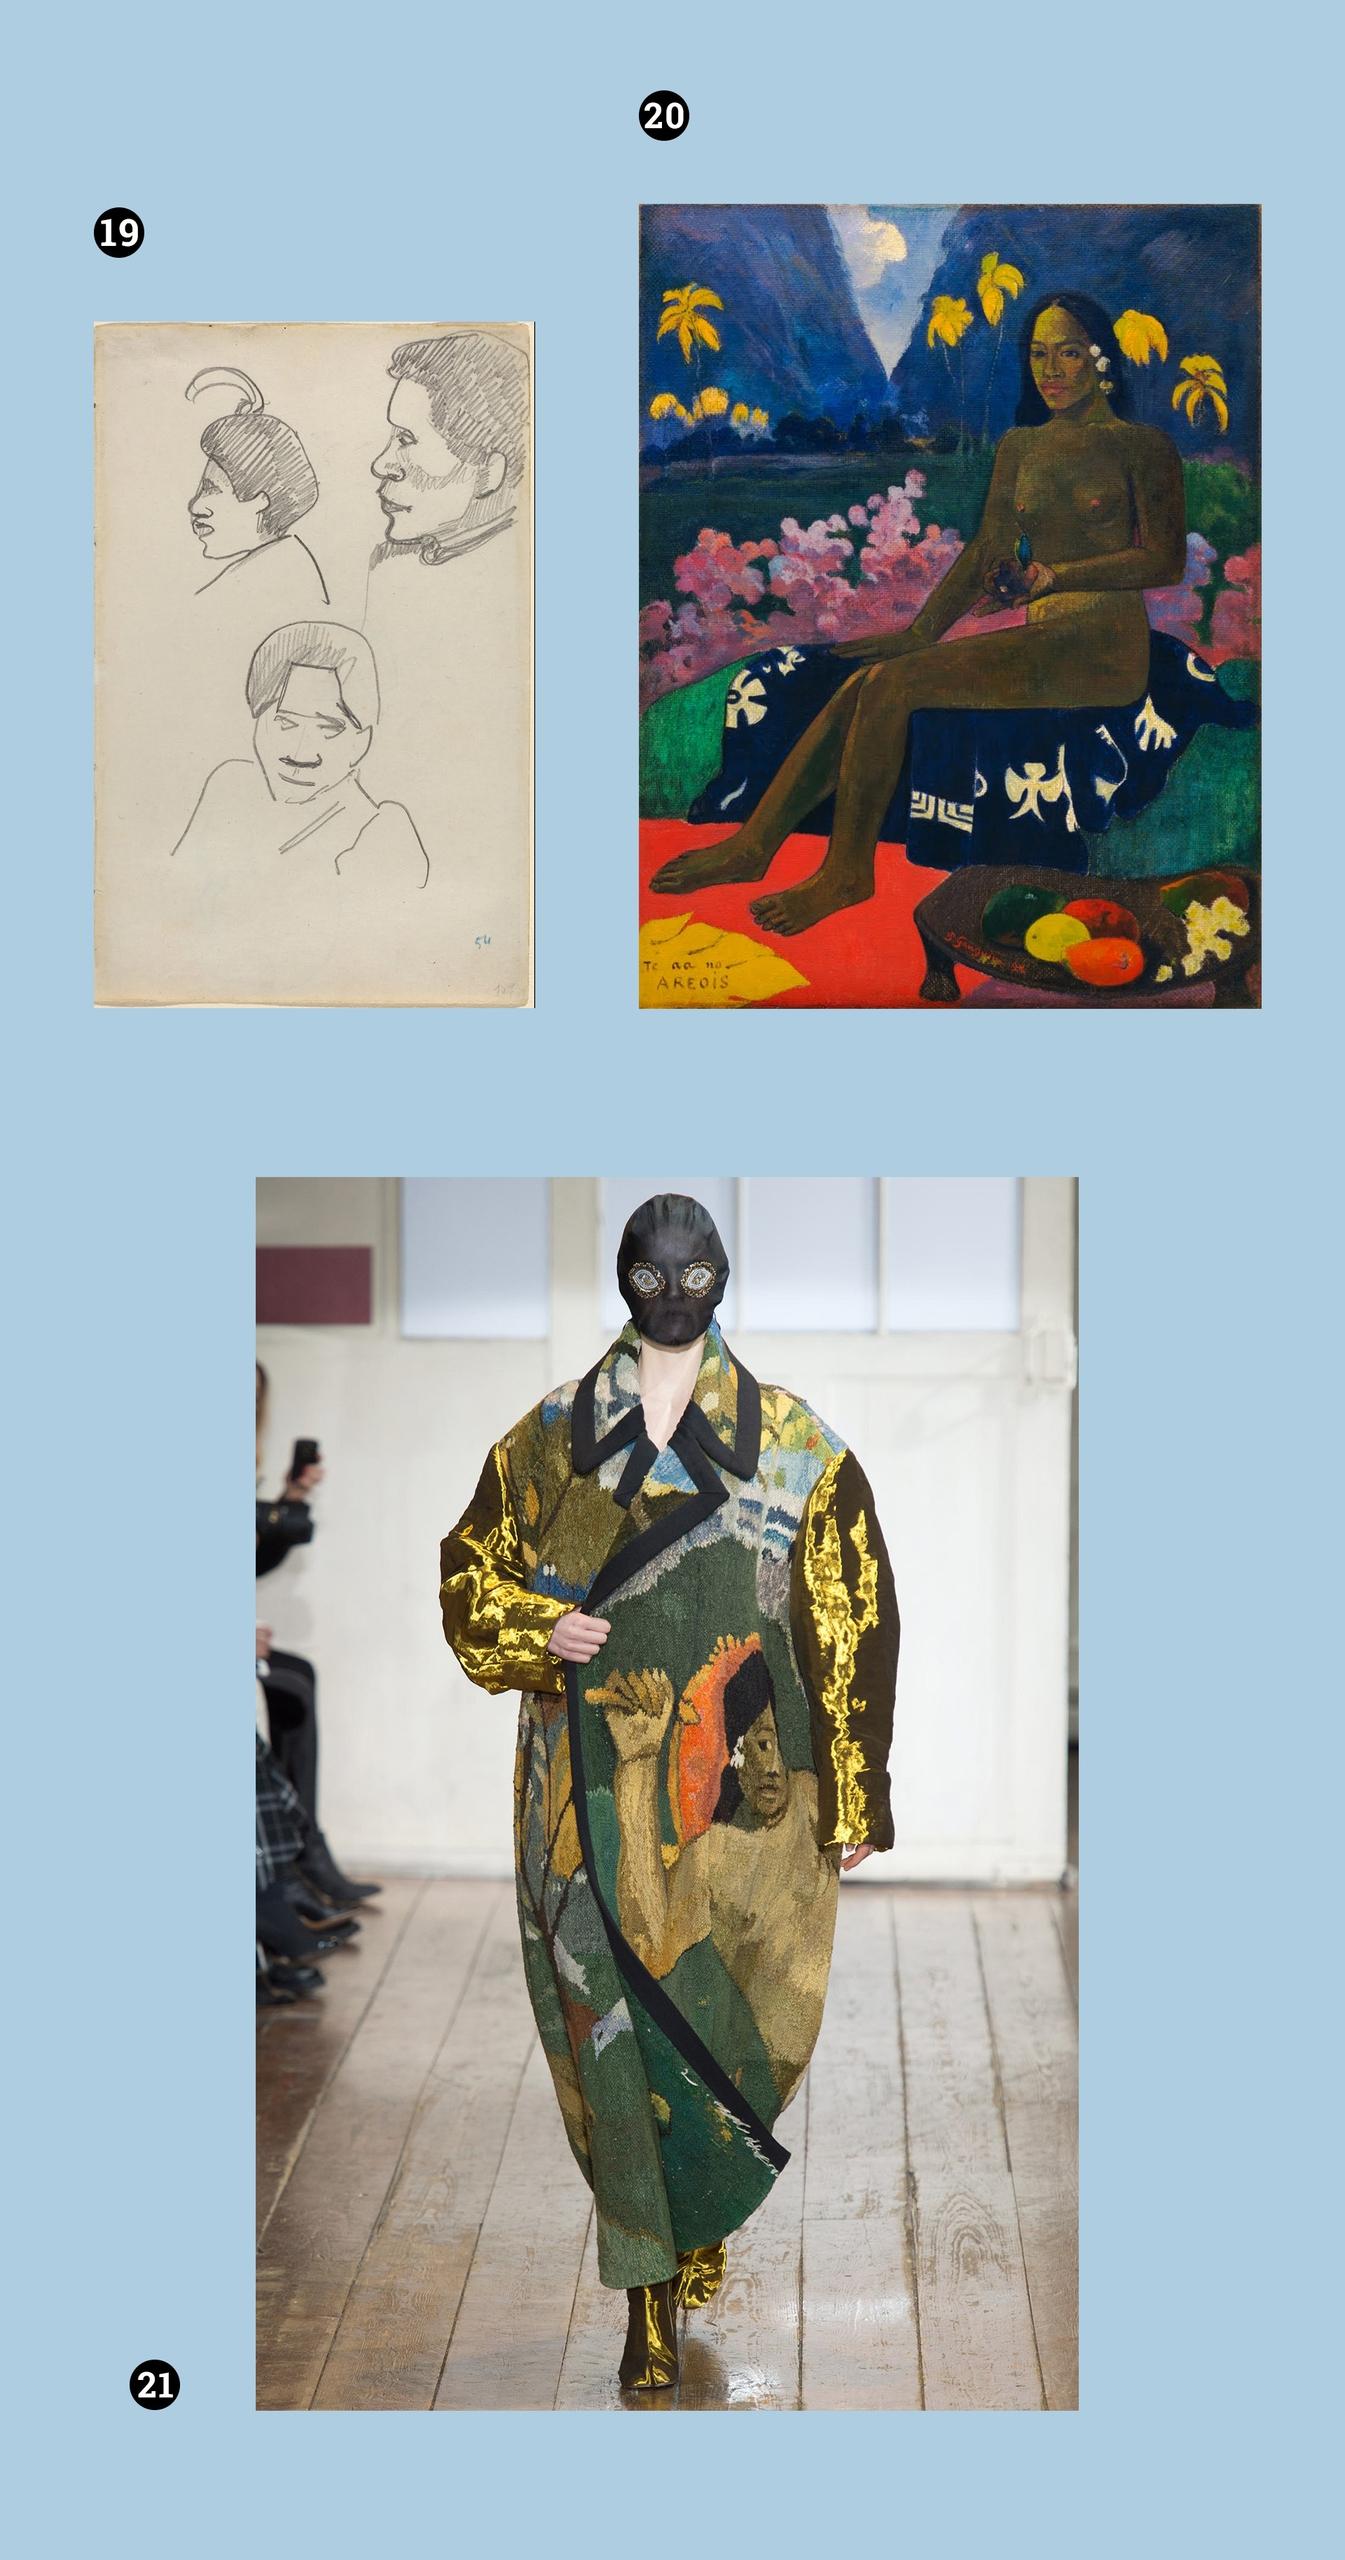 Obraz przedstawia trzy zdjęcia. Na jednym z nich widzimy postać w czarnej masce, na dwóch pozostałych widnieją obrazy znanych malarzy.